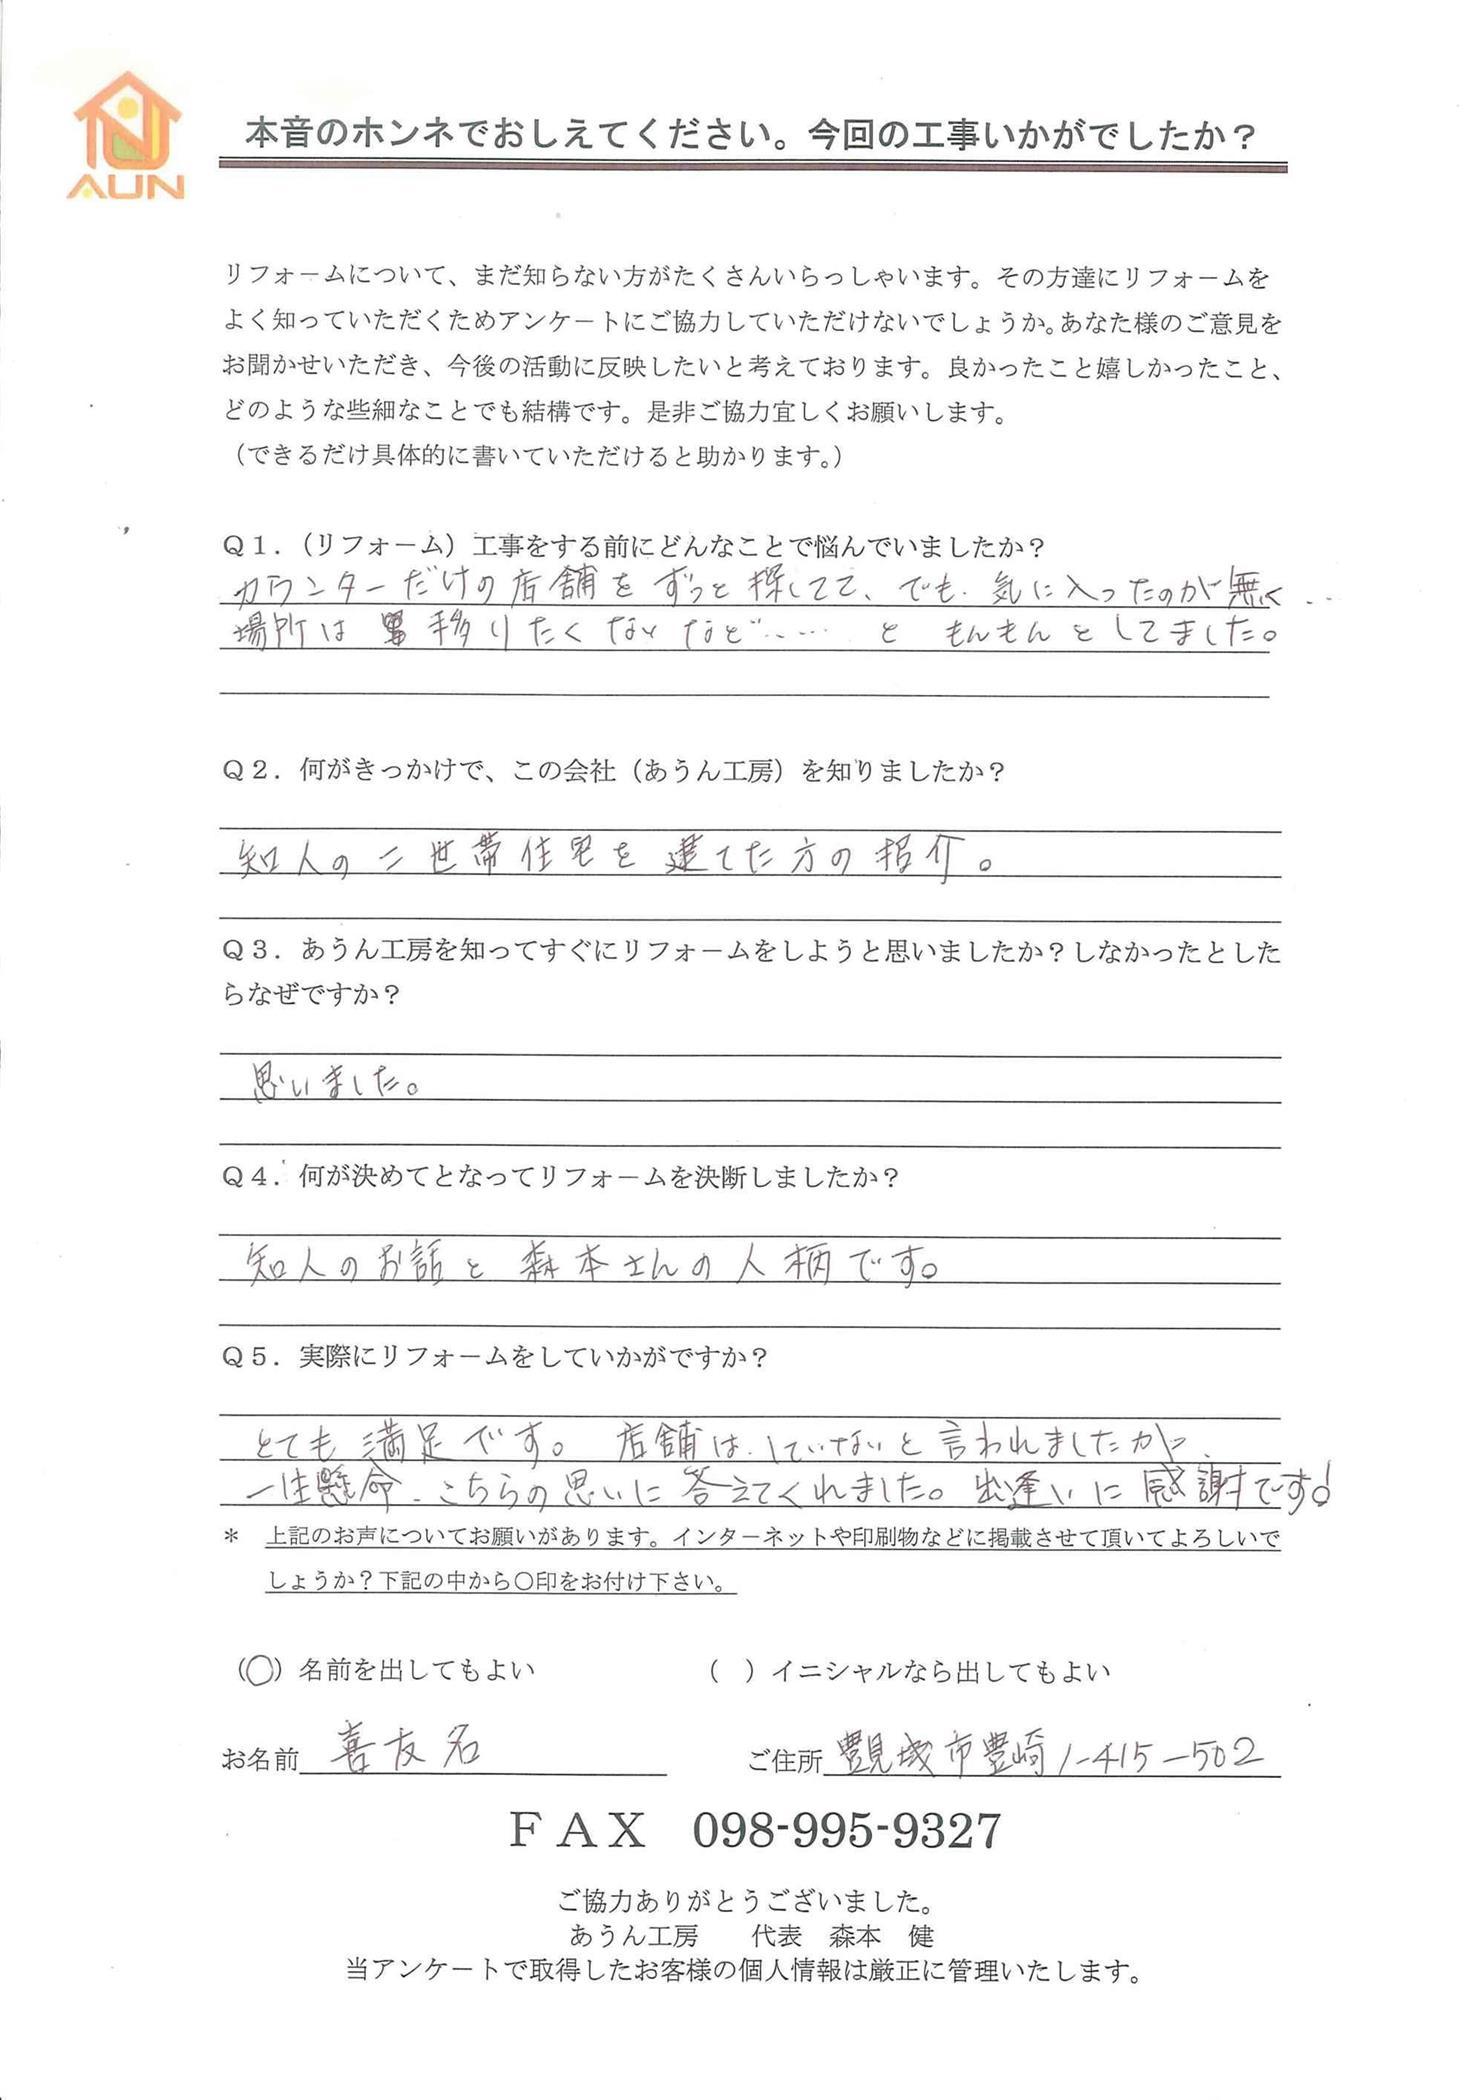 沖縄・那覇のリフォーム 実際のアンケートの画像:知人のお話と森本さんの人柄です。